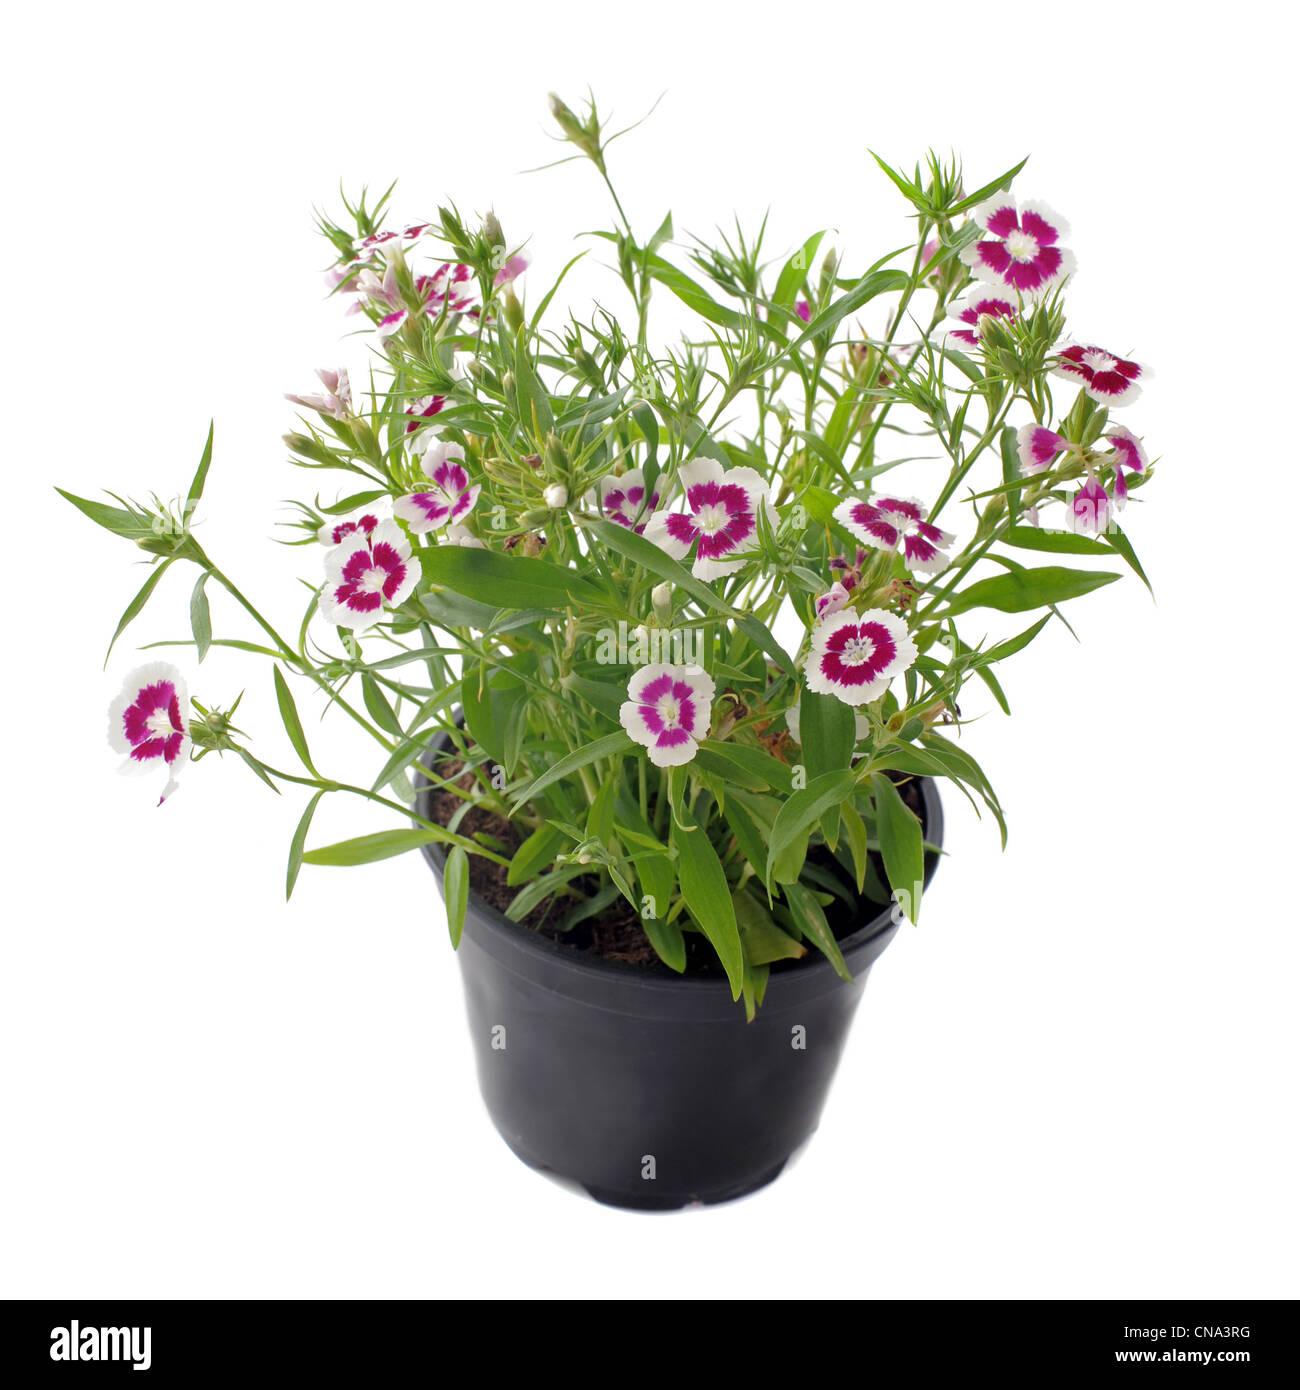 Nahaufnahme von französische Ringelblume, Tagetes Patula, vor weißem Hintergrund Stockfoto